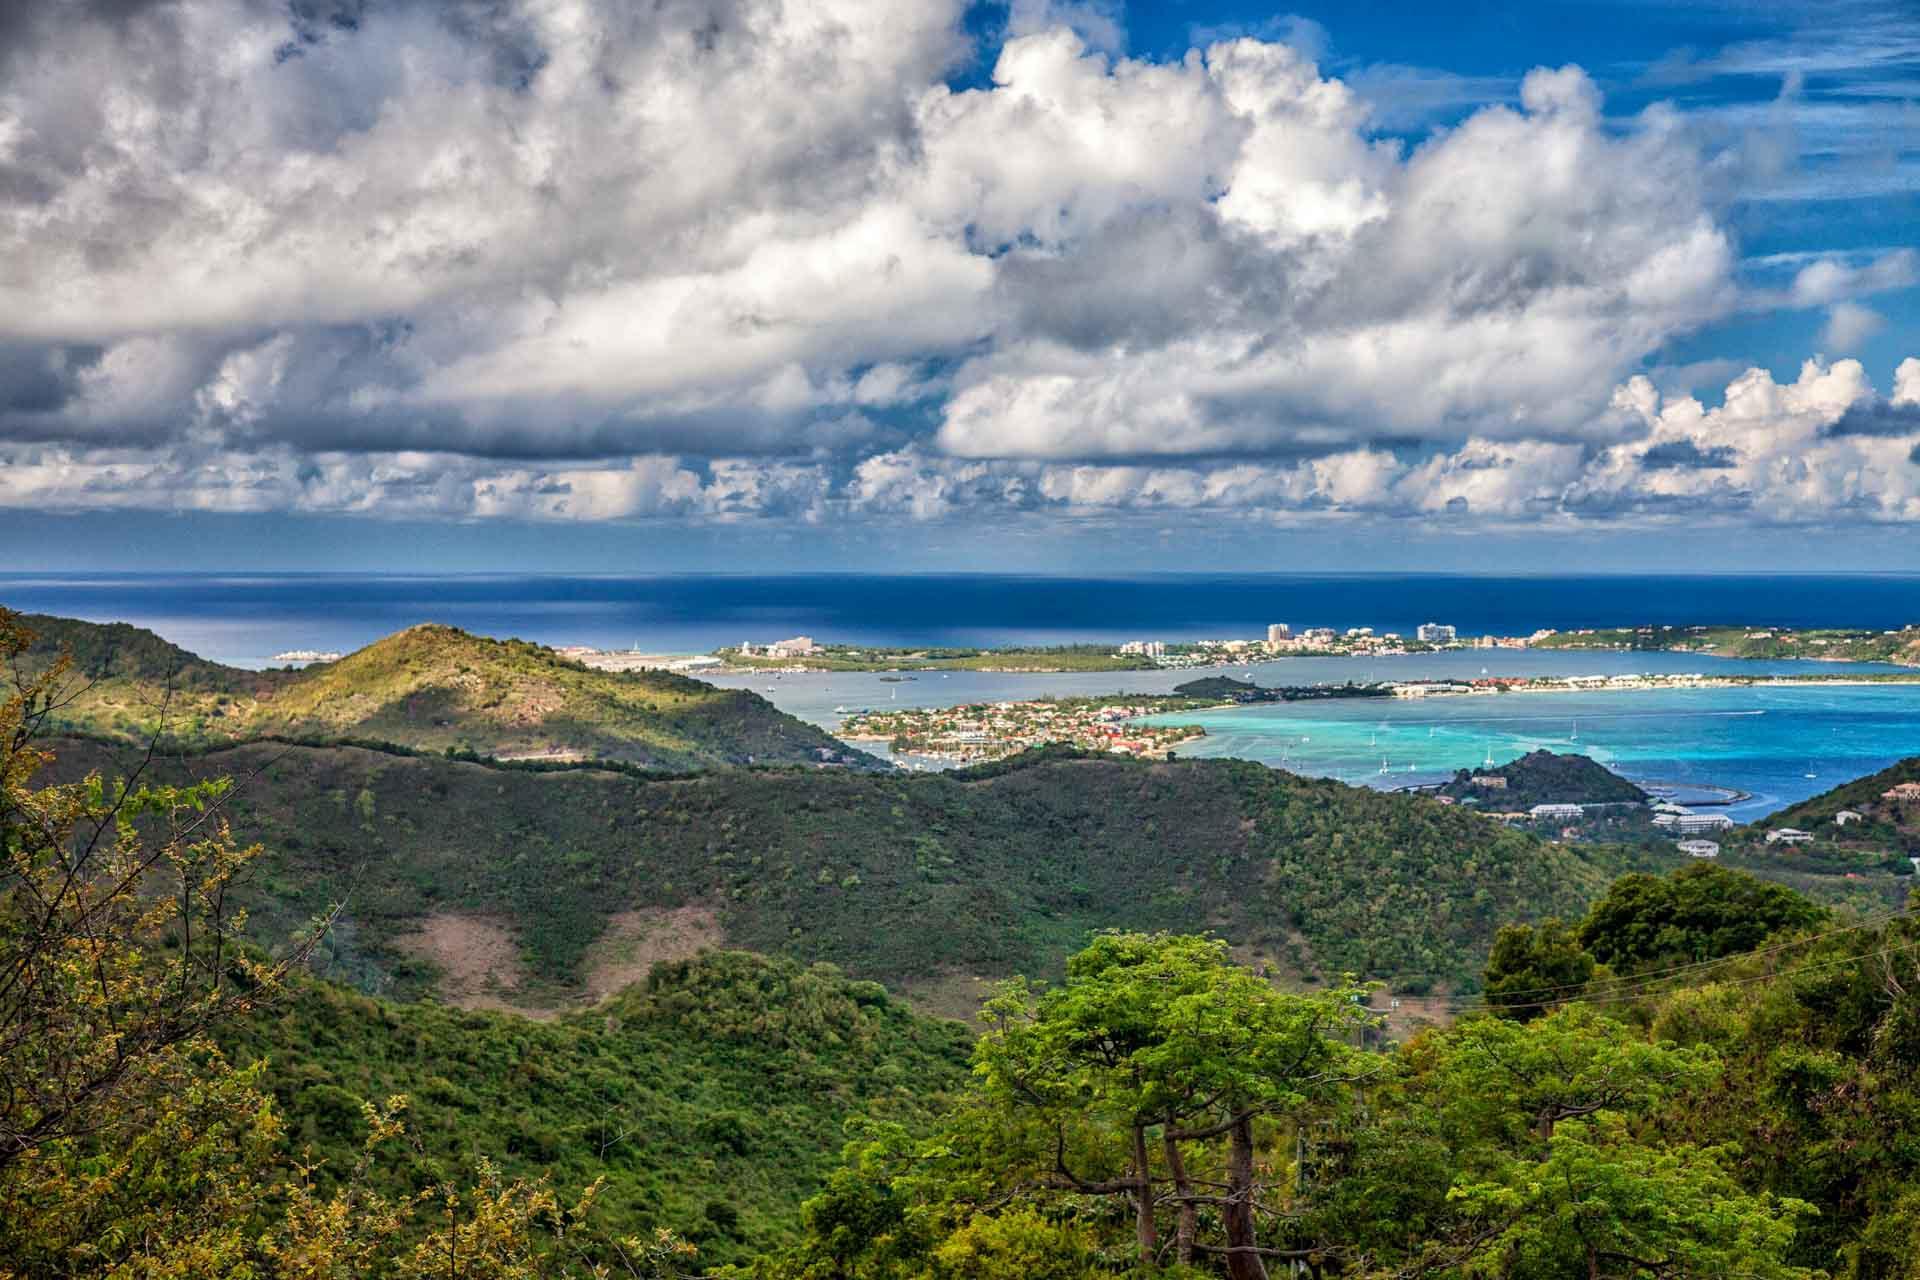 L'ascension du Pic Paradis © DR